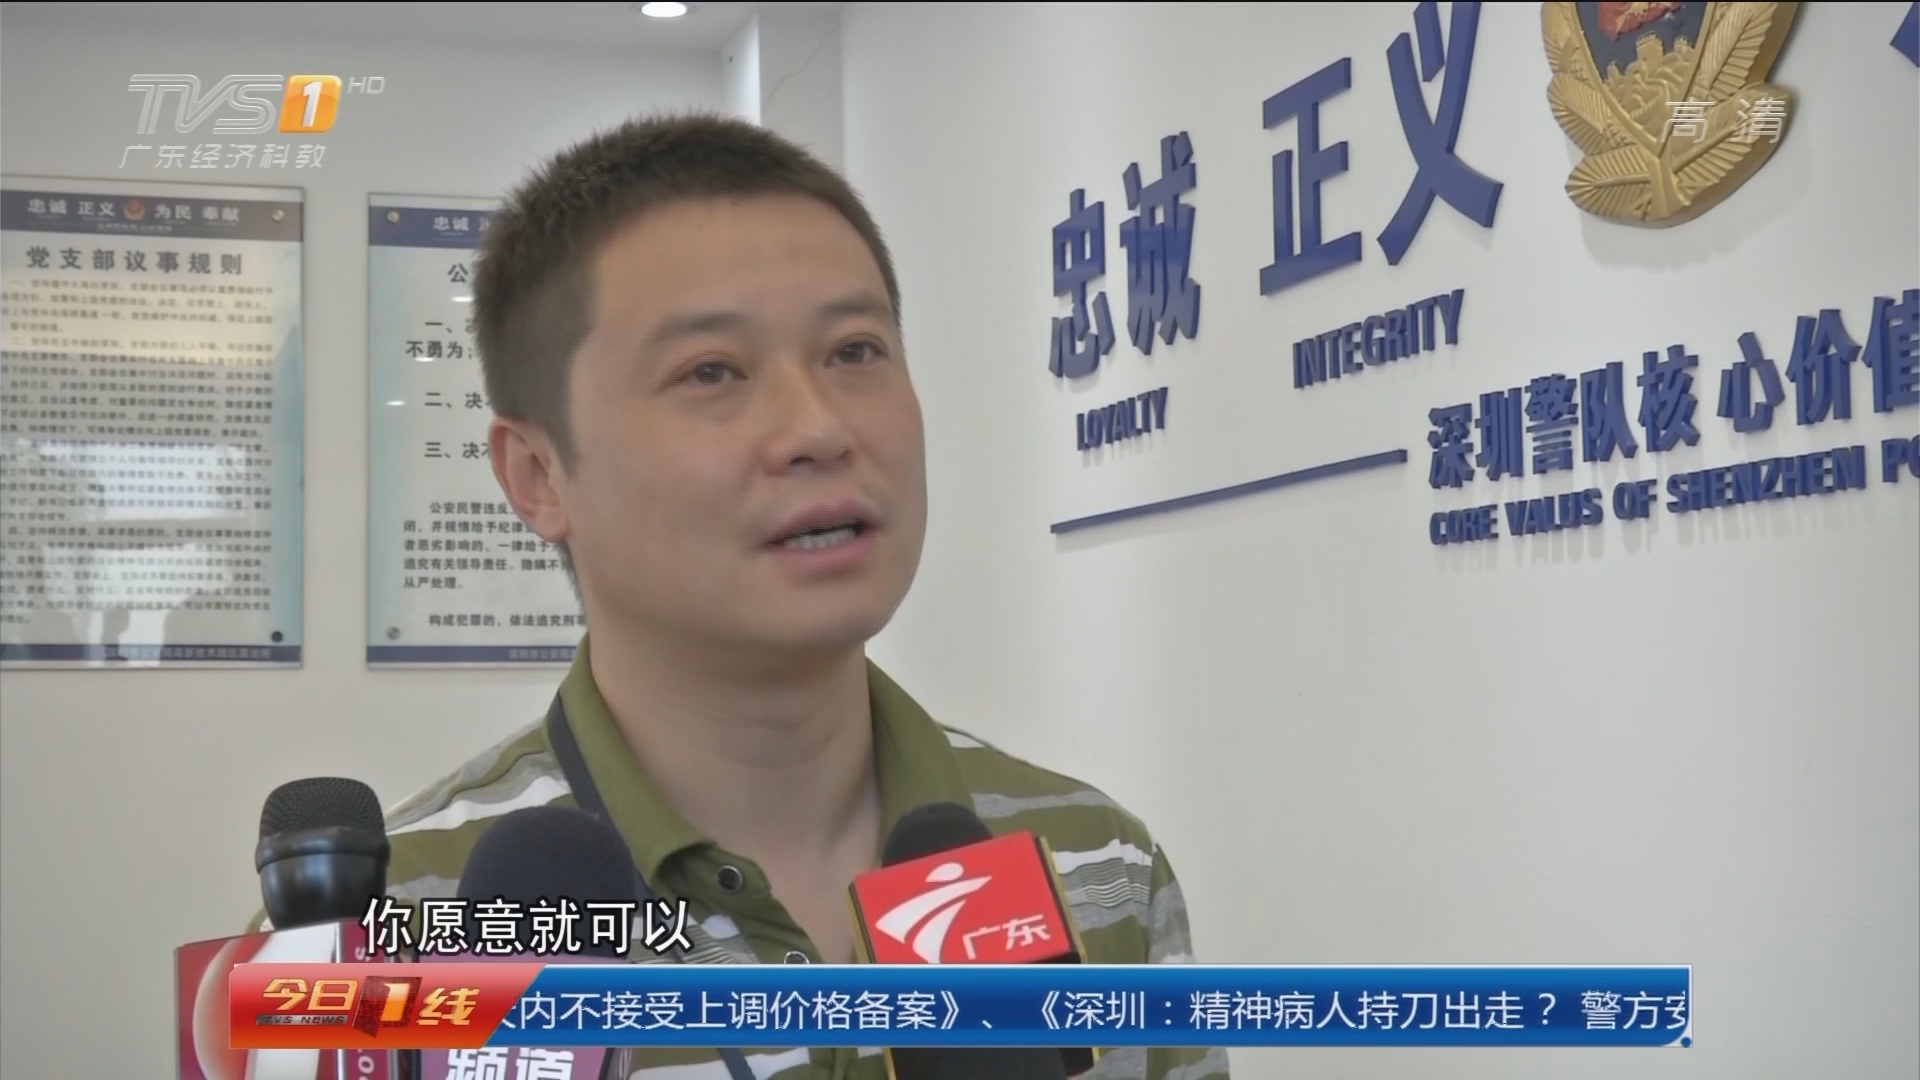 深圳南山:直播平台暗藏淫秽表演 警方缉拿嫌犯